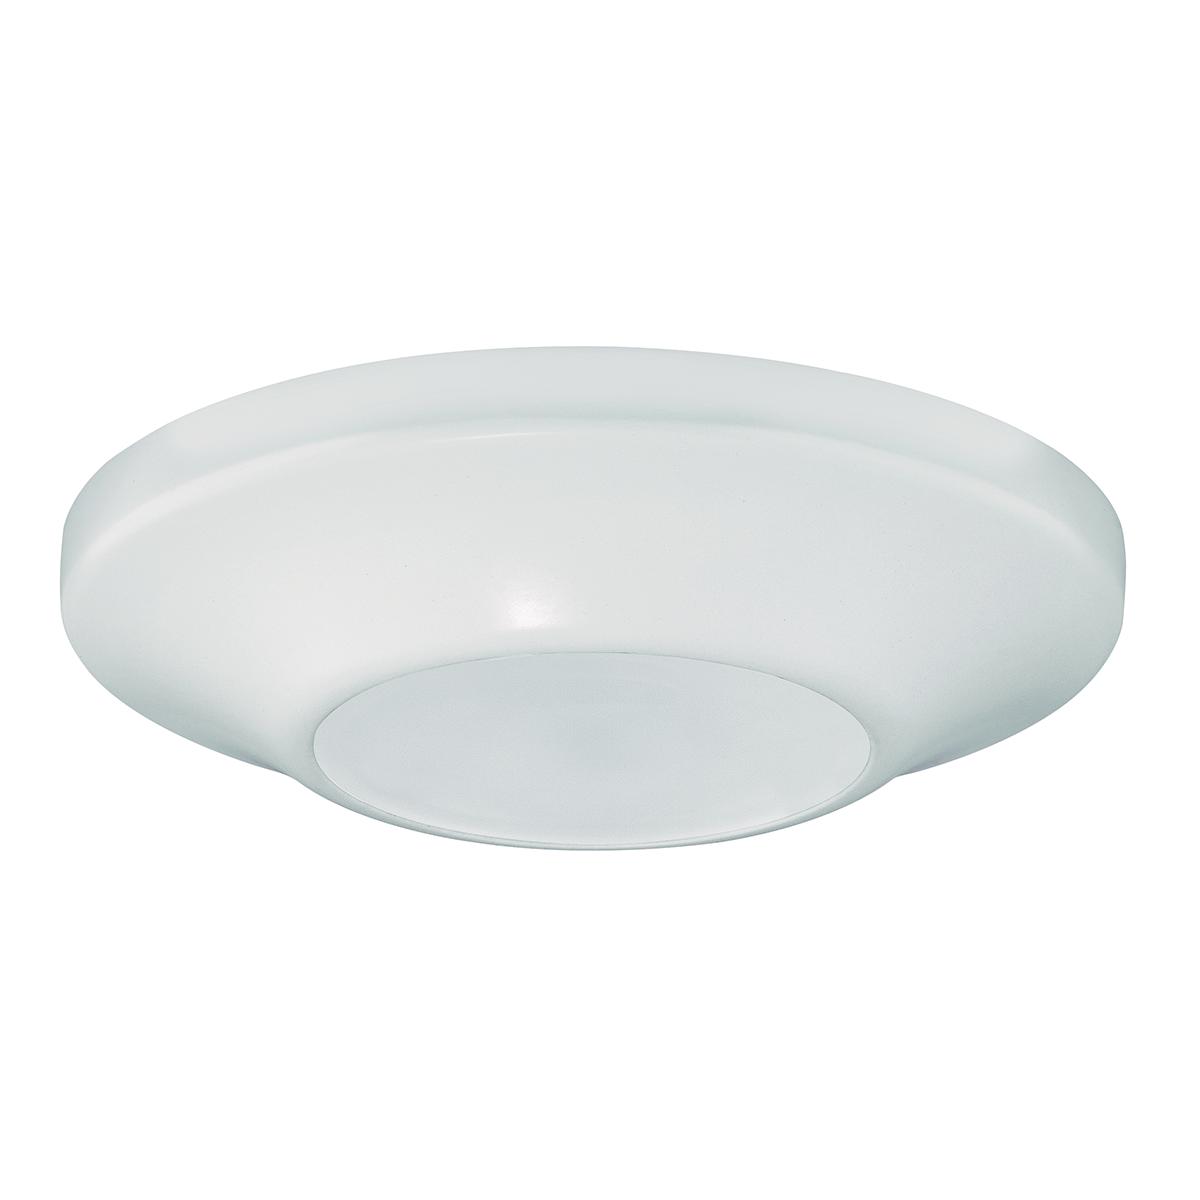 LBS5LEDA   Recessed Downlights   Commercial Indoor Lighting ...